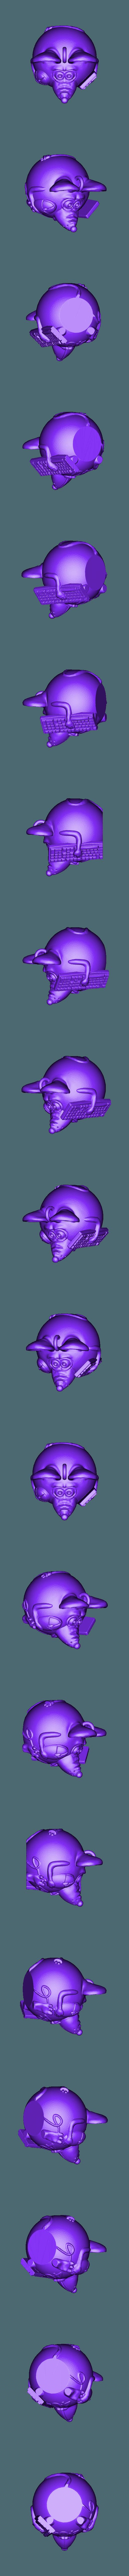 m521_bez_s.stl Télécharger fichier STL gratuit programmeur de souris • Objet à imprimer en 3D, shuranikishin